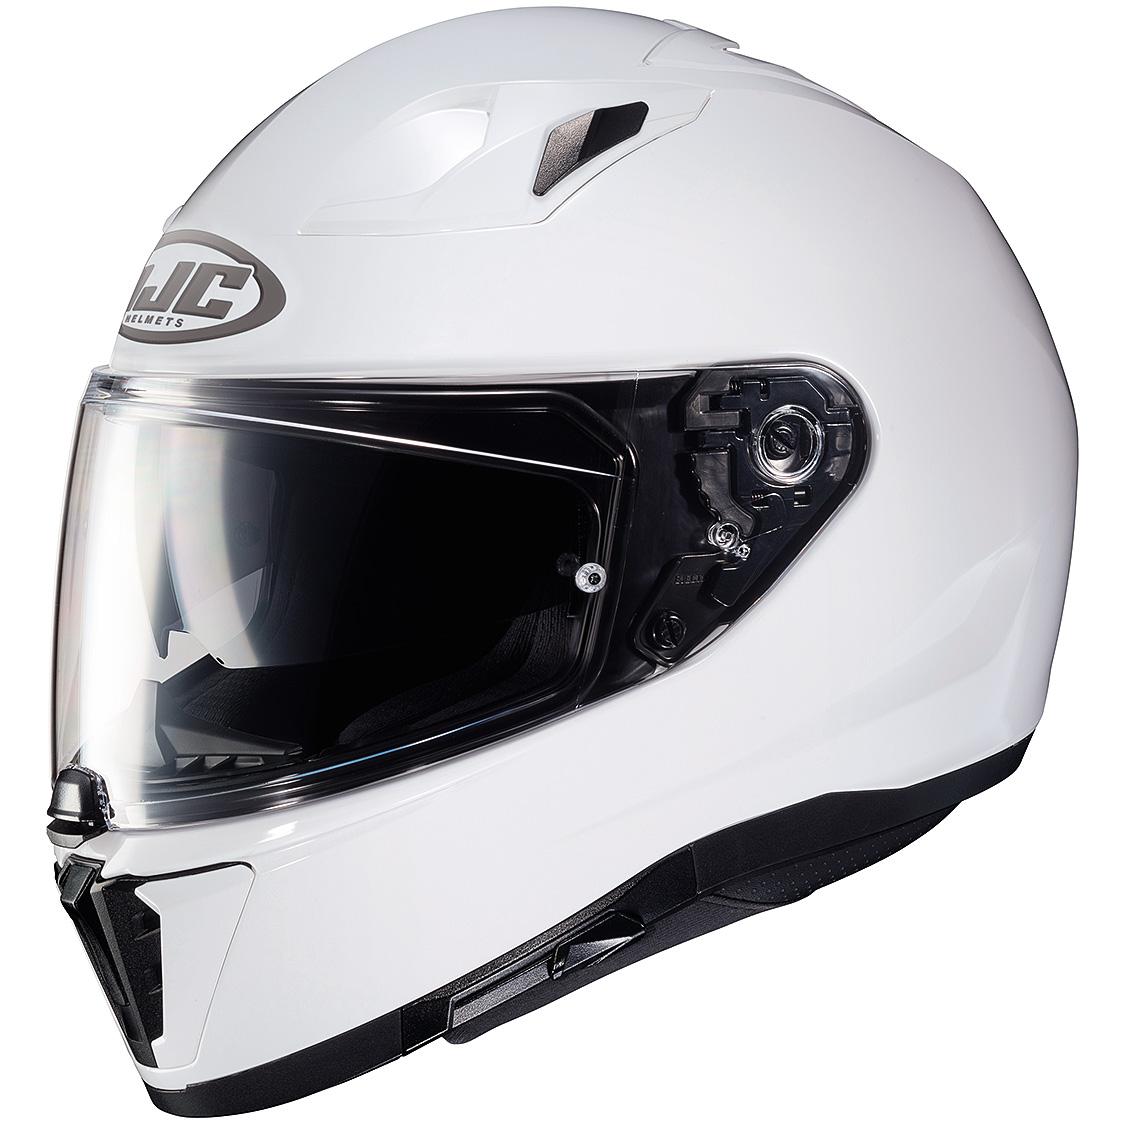 Casco HJC I 70 White